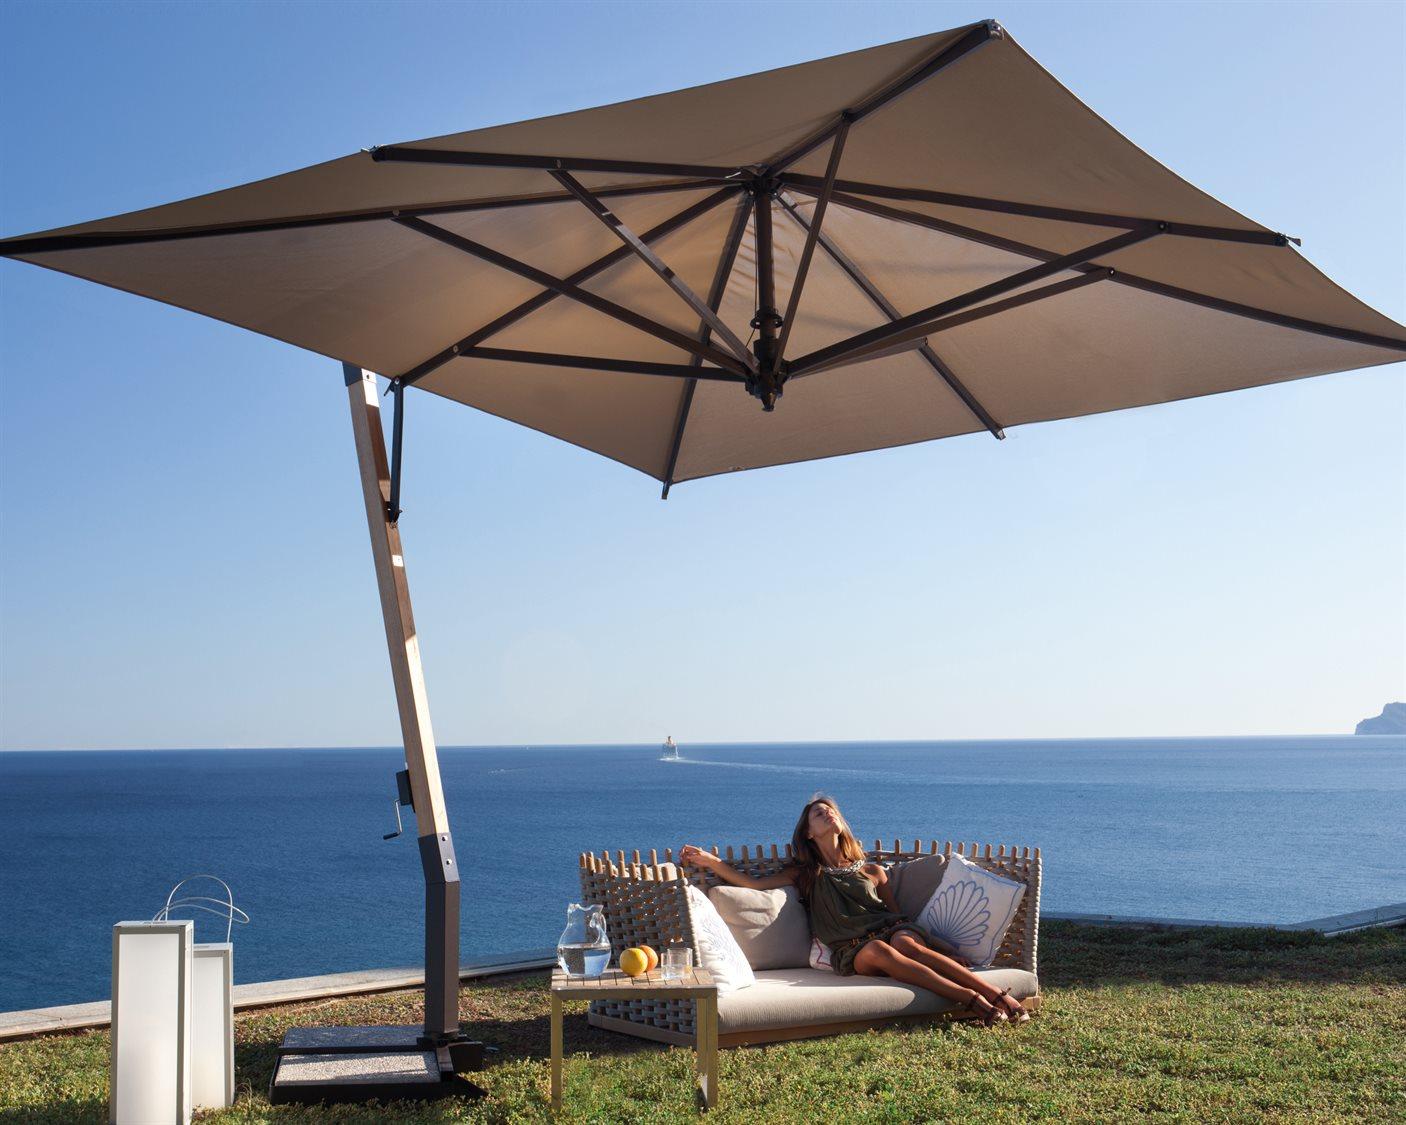 fim p series aluminum 11 5 square cantilever umbrella p17. Black Bedroom Furniture Sets. Home Design Ideas